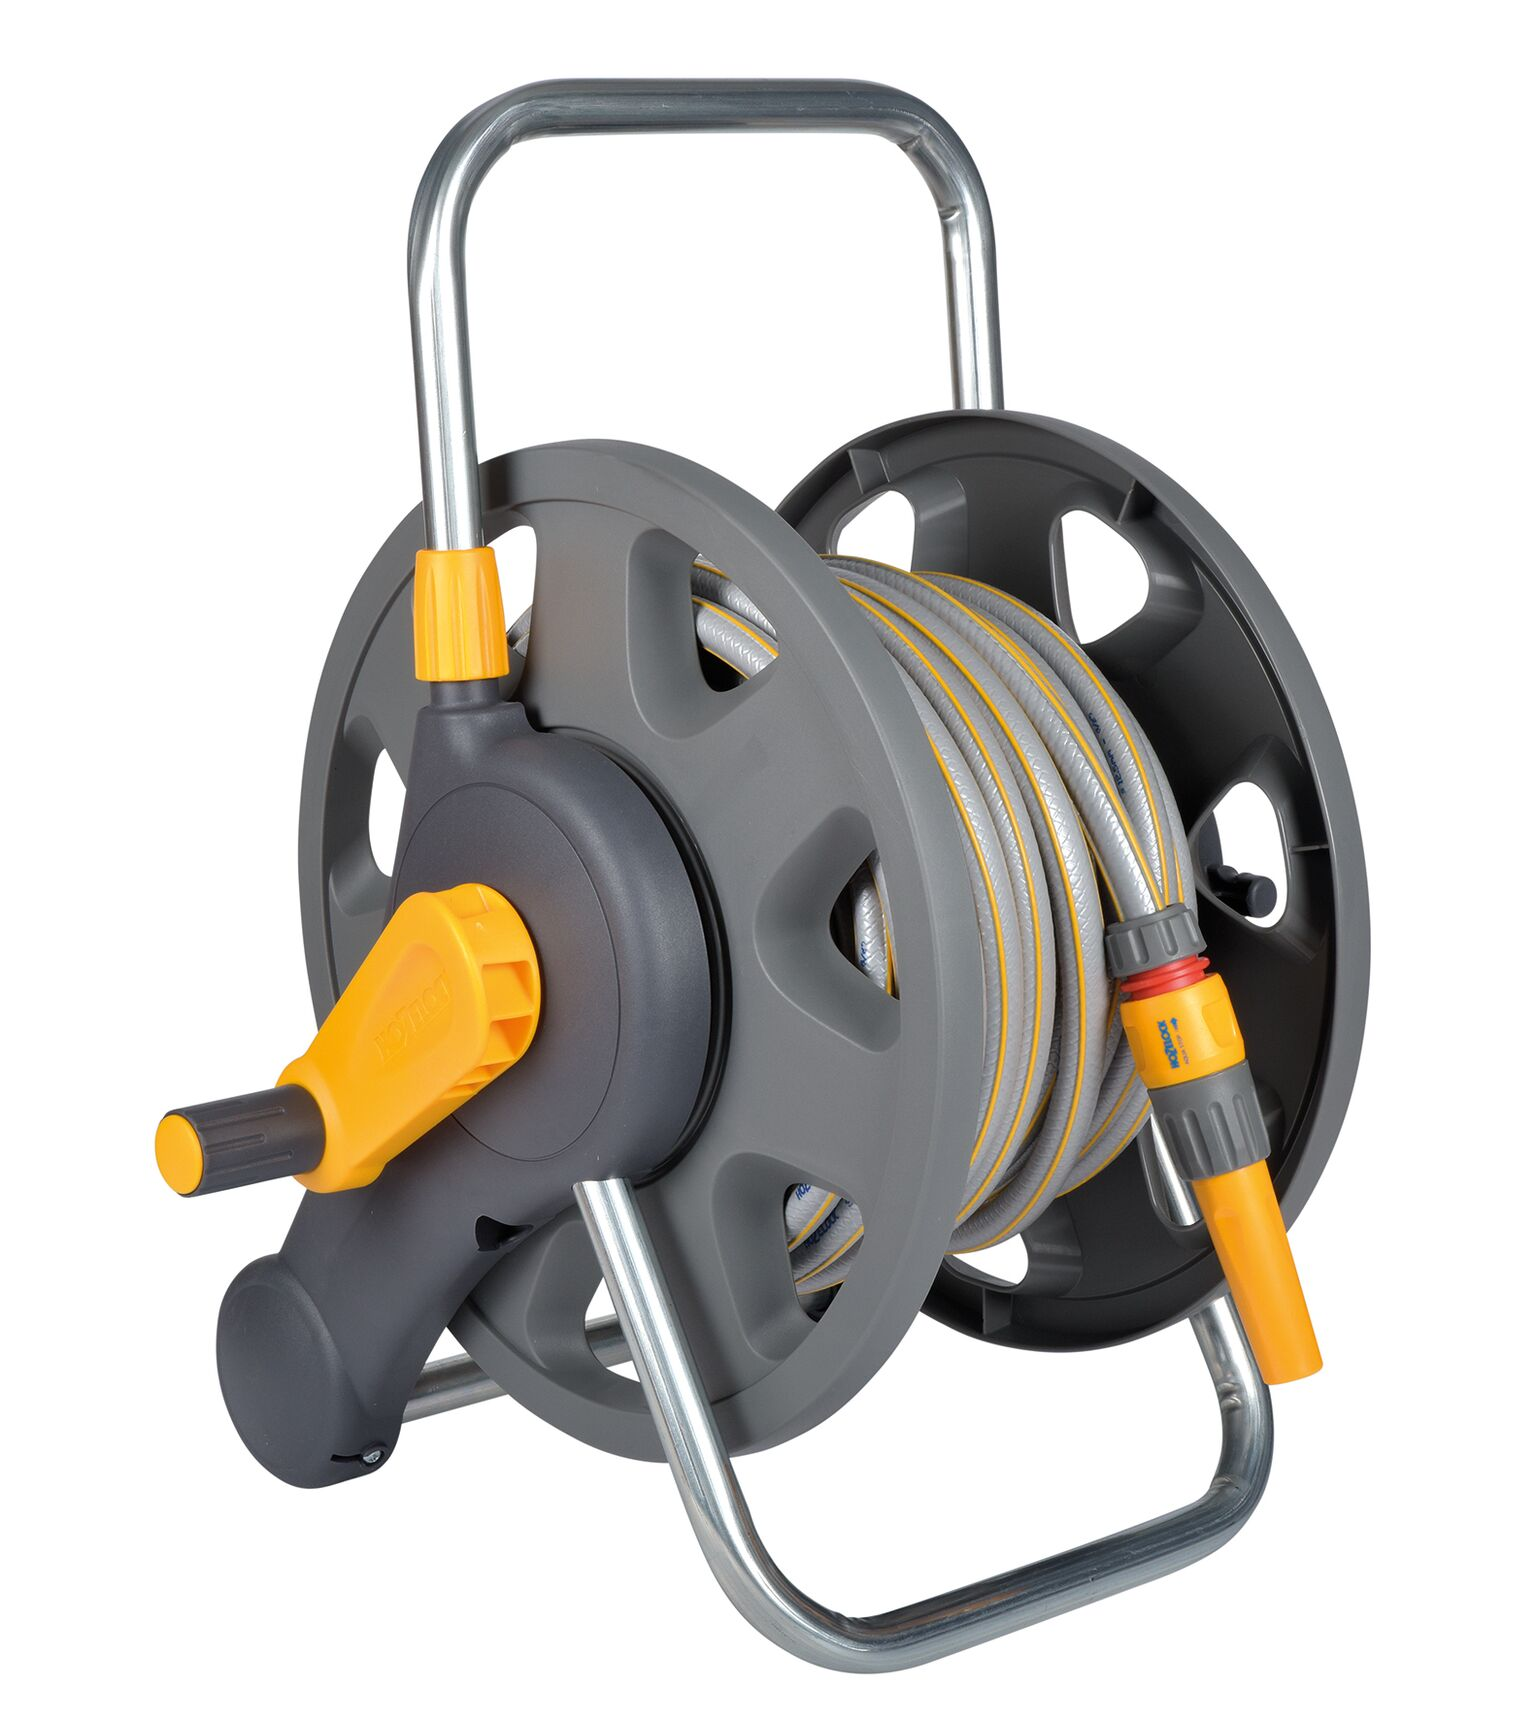 Фото - Катушка для шланга Hozelock 2431 с возможностью крепления на стену + шланг 1/2 25 м + коннекторы + наконечник для шланга, серый, желтый, красный катушка индуктивности jantzen cross coil 16 awg 1 3 mm 6 mh 1 06 ohm